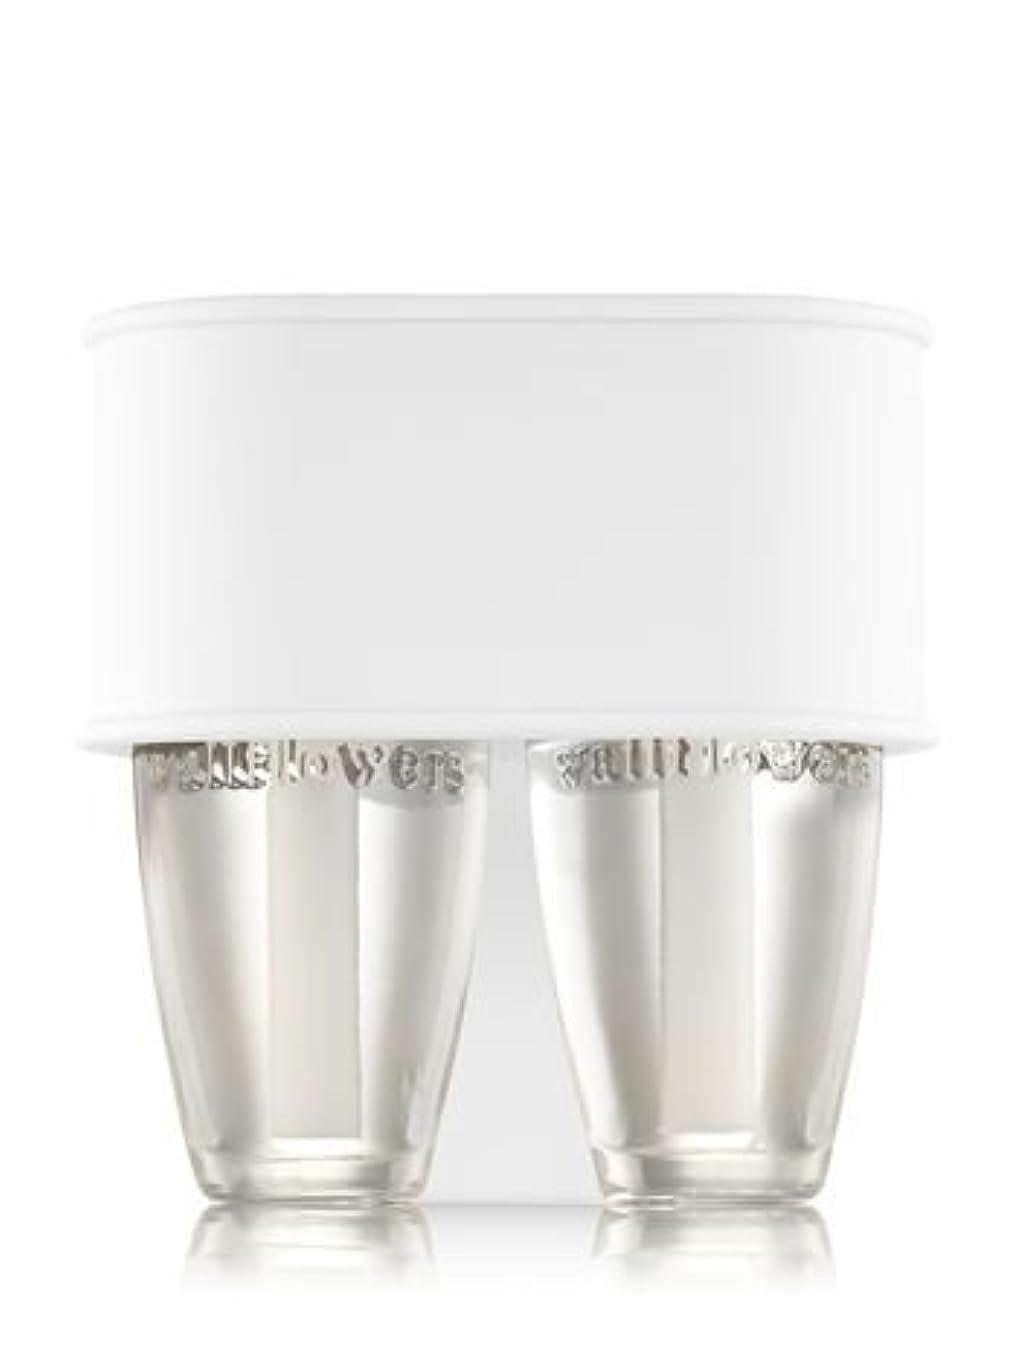 宙返り大学生酸化物【Bath&Body Works/バス&ボディワークス】 ルームフレグランス プラグインスターター デュオプラグ (本体のみ) ホワイトソフトタッチ Scent Switching Wallflowers Duo Plug White Soft Touch [並行輸入品]